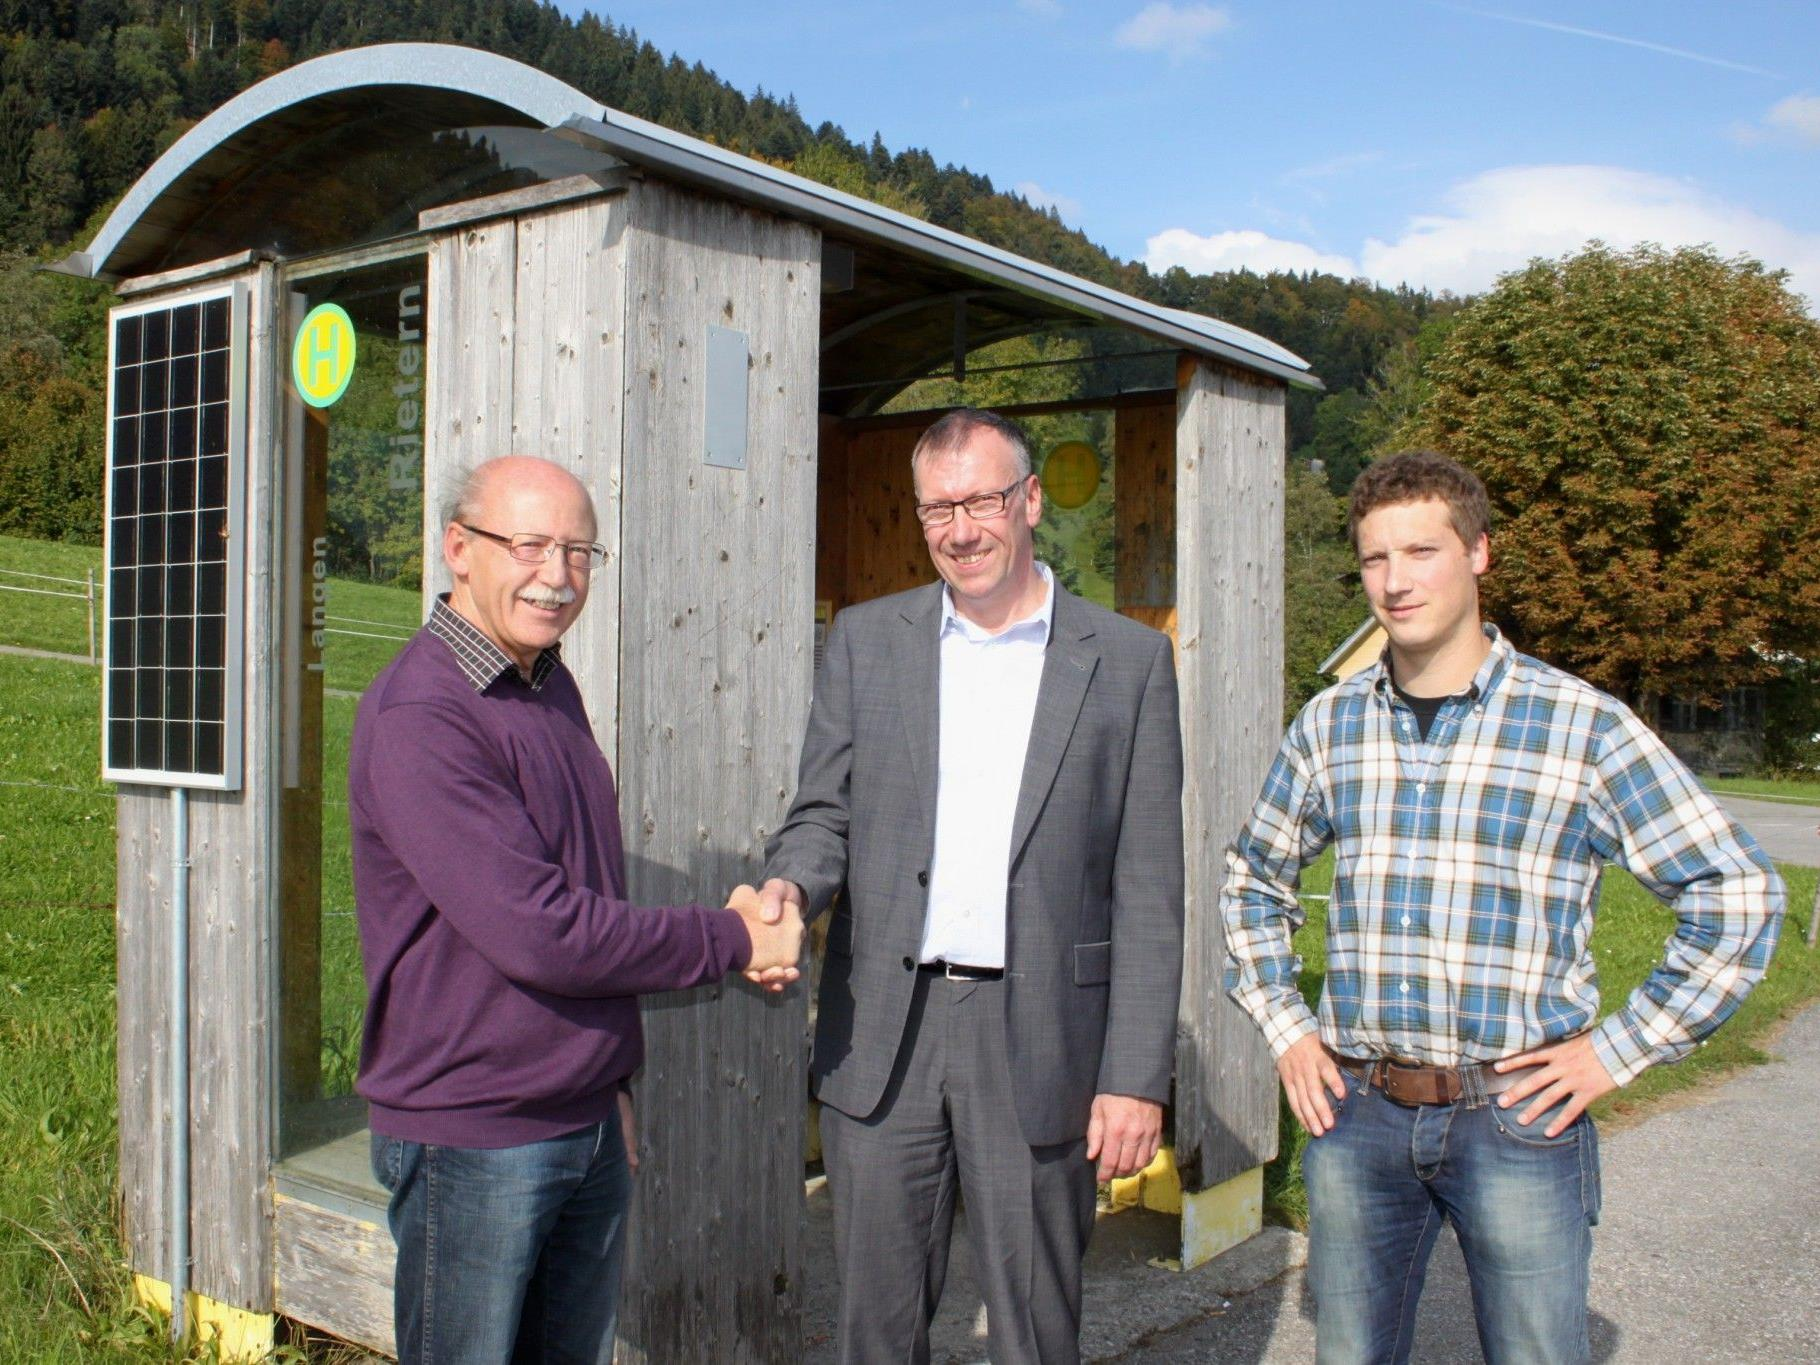 Übergabe eines bestens gelungenen Projektes: Bgm. Hans Kogler, EPS soltec GF Richard Hutter und Projektleiter DI (FH) Markus Hertnagel.